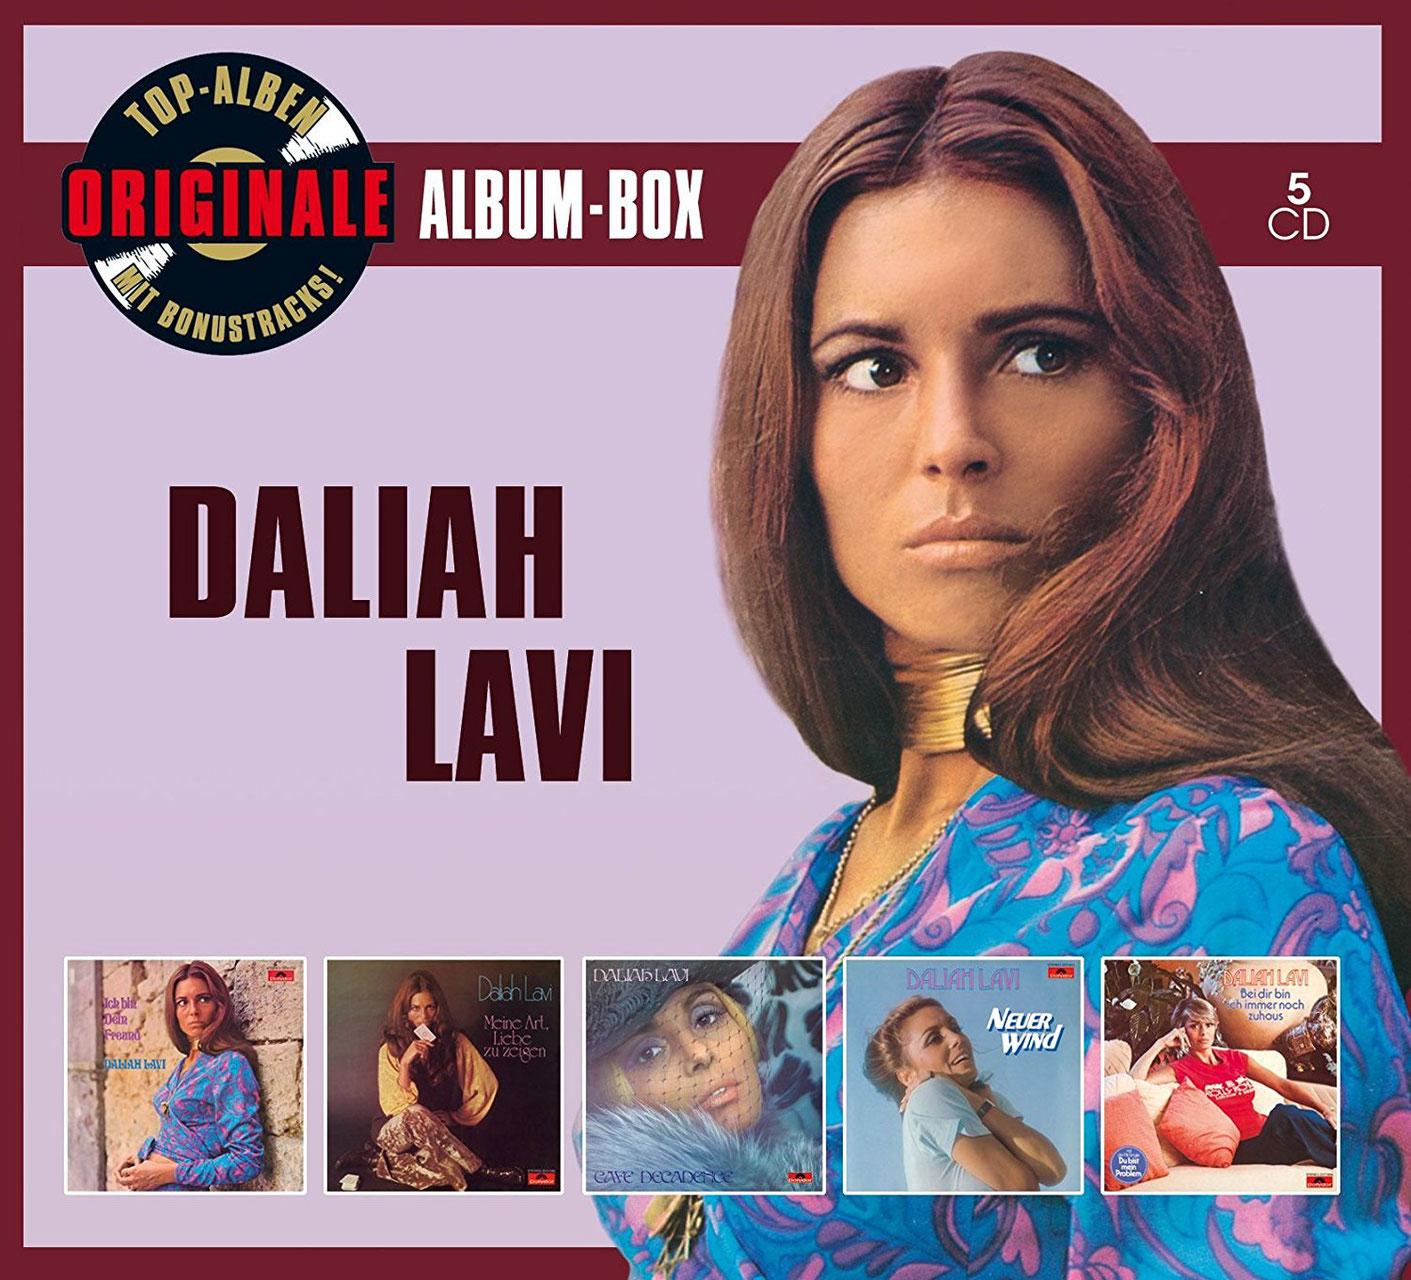 Daliah Lavi - Lieben Sie Partys?